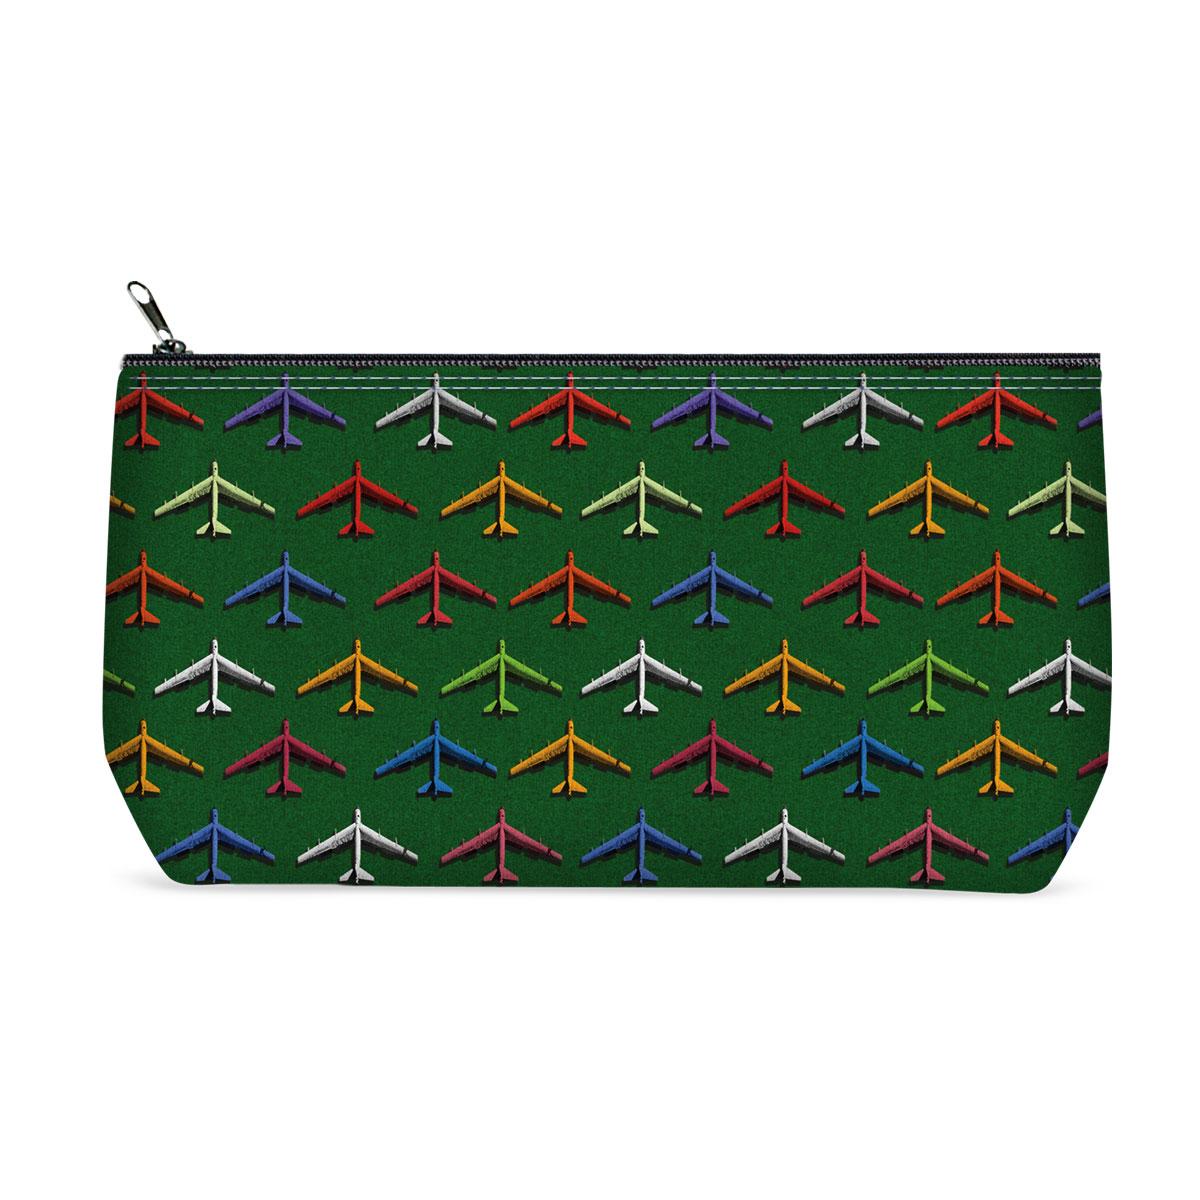 Косметичка ОРЗ-дизайн Самолеты, цвет: светло-зеленый, мультицвет. Орз-0364Орз-0364косметичка текстильная на молнии